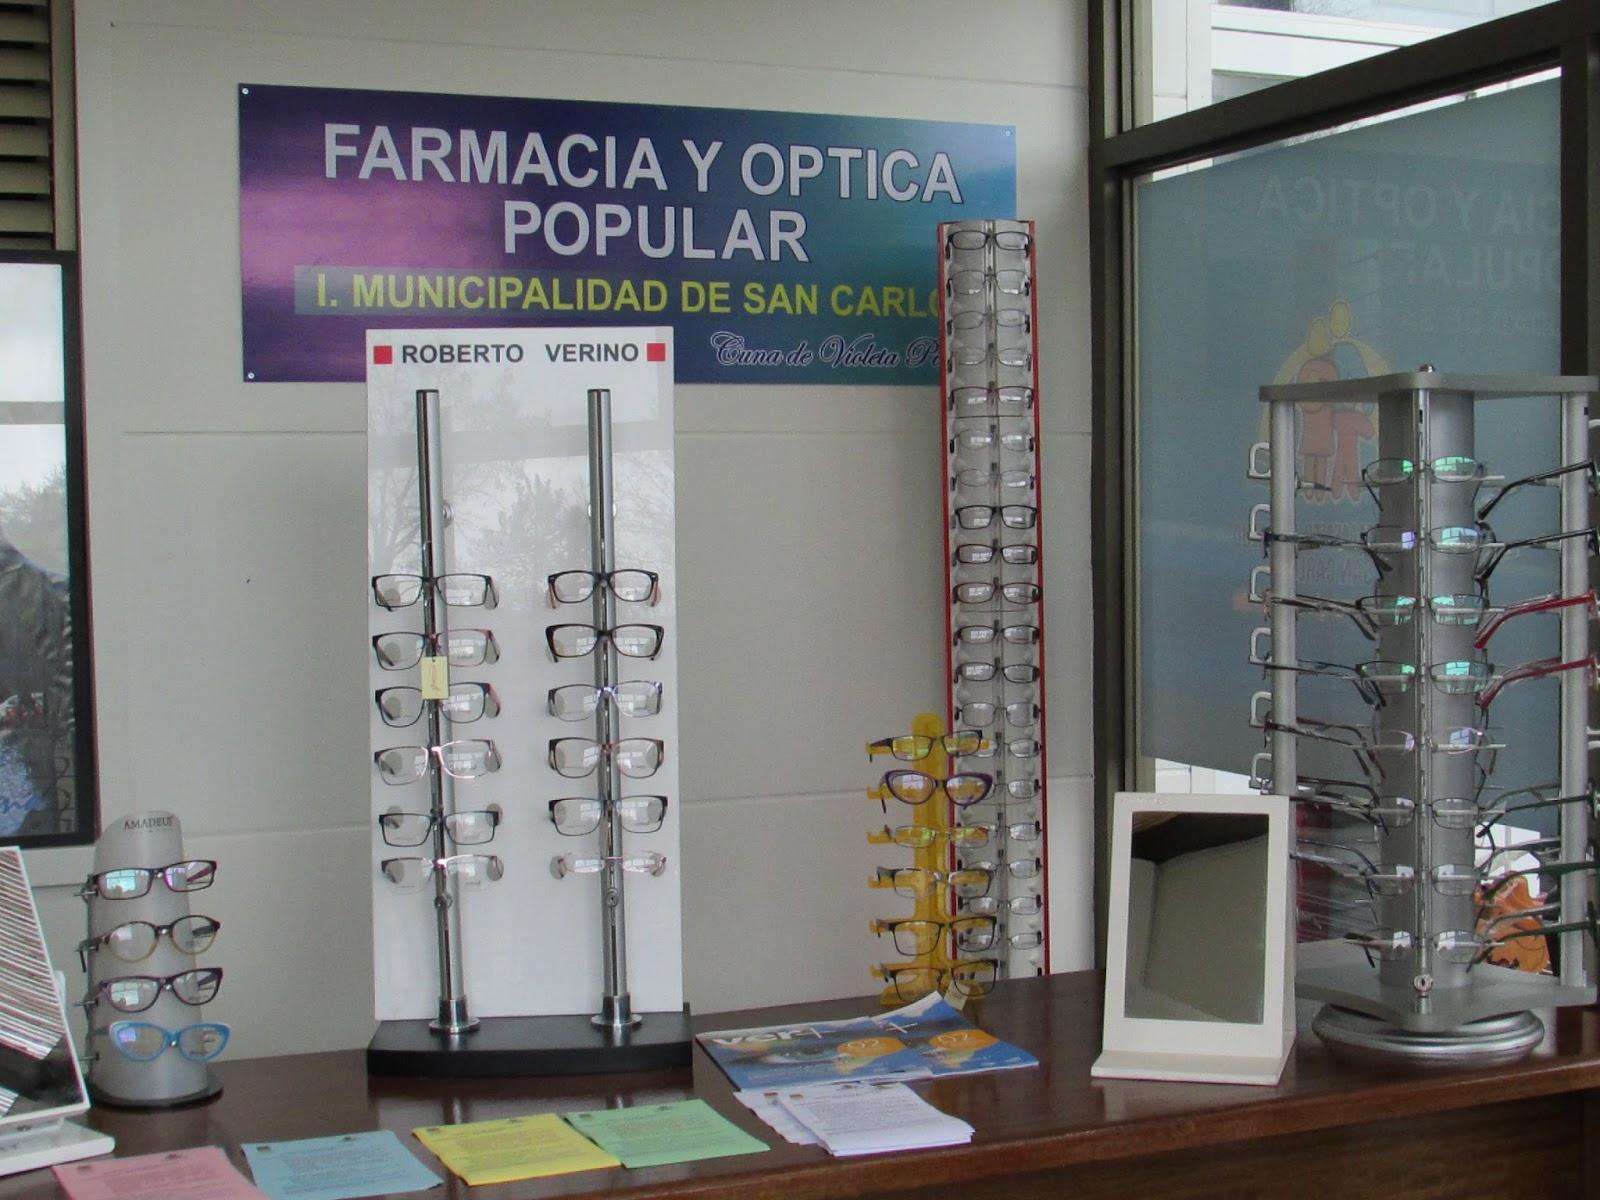 a8a056a628 La idea es entregar a los usuarios información actualizada respecto a los  valores de los medicamentos que se mantienen en la Farmacia Popular de San  Carlos ...